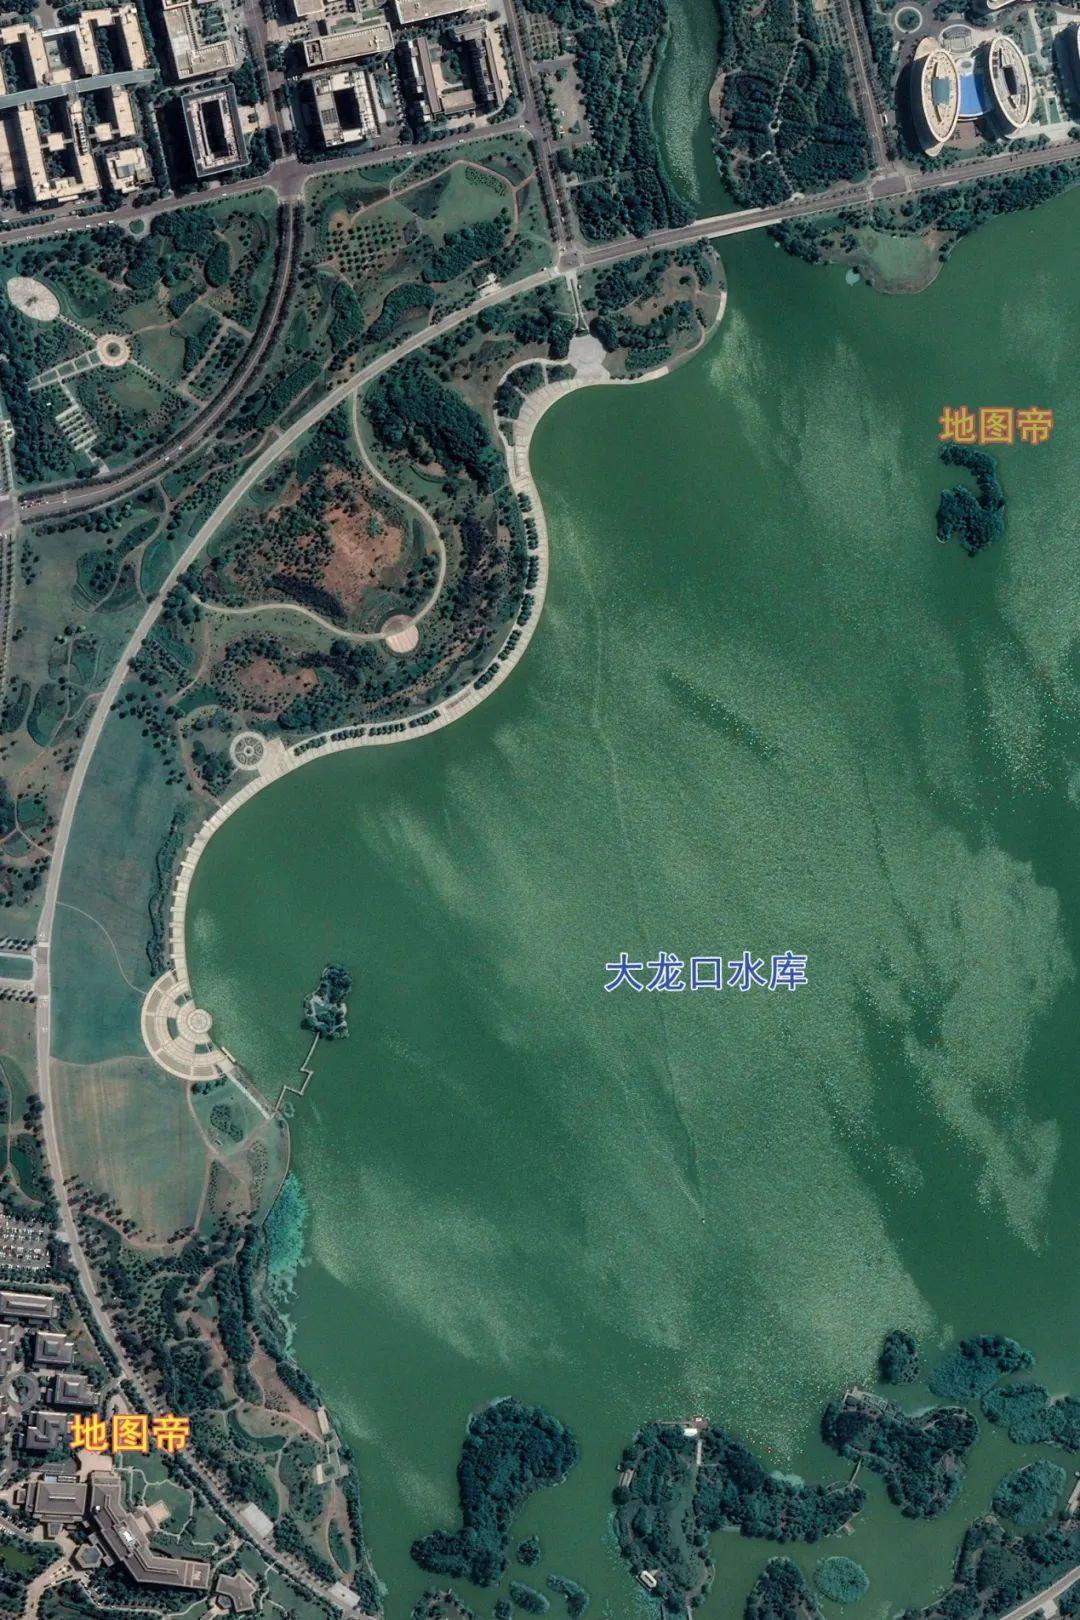 图-徐州大龙口水库航拍